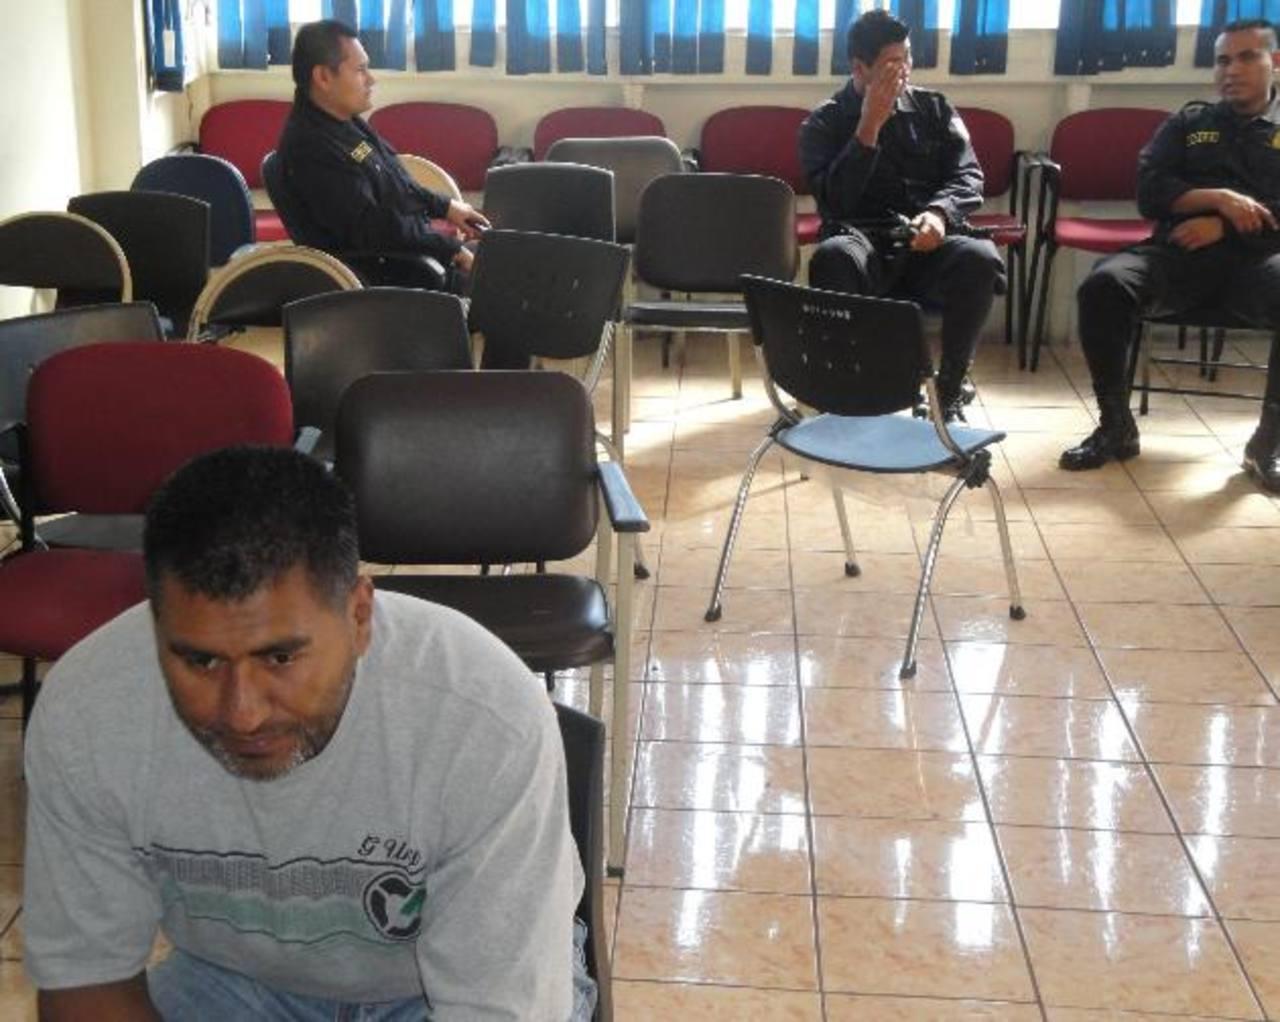 José Antonio Terán, Chepe Furia, condenado a 20 años por un homicidio. Foto EDH / Archivo.